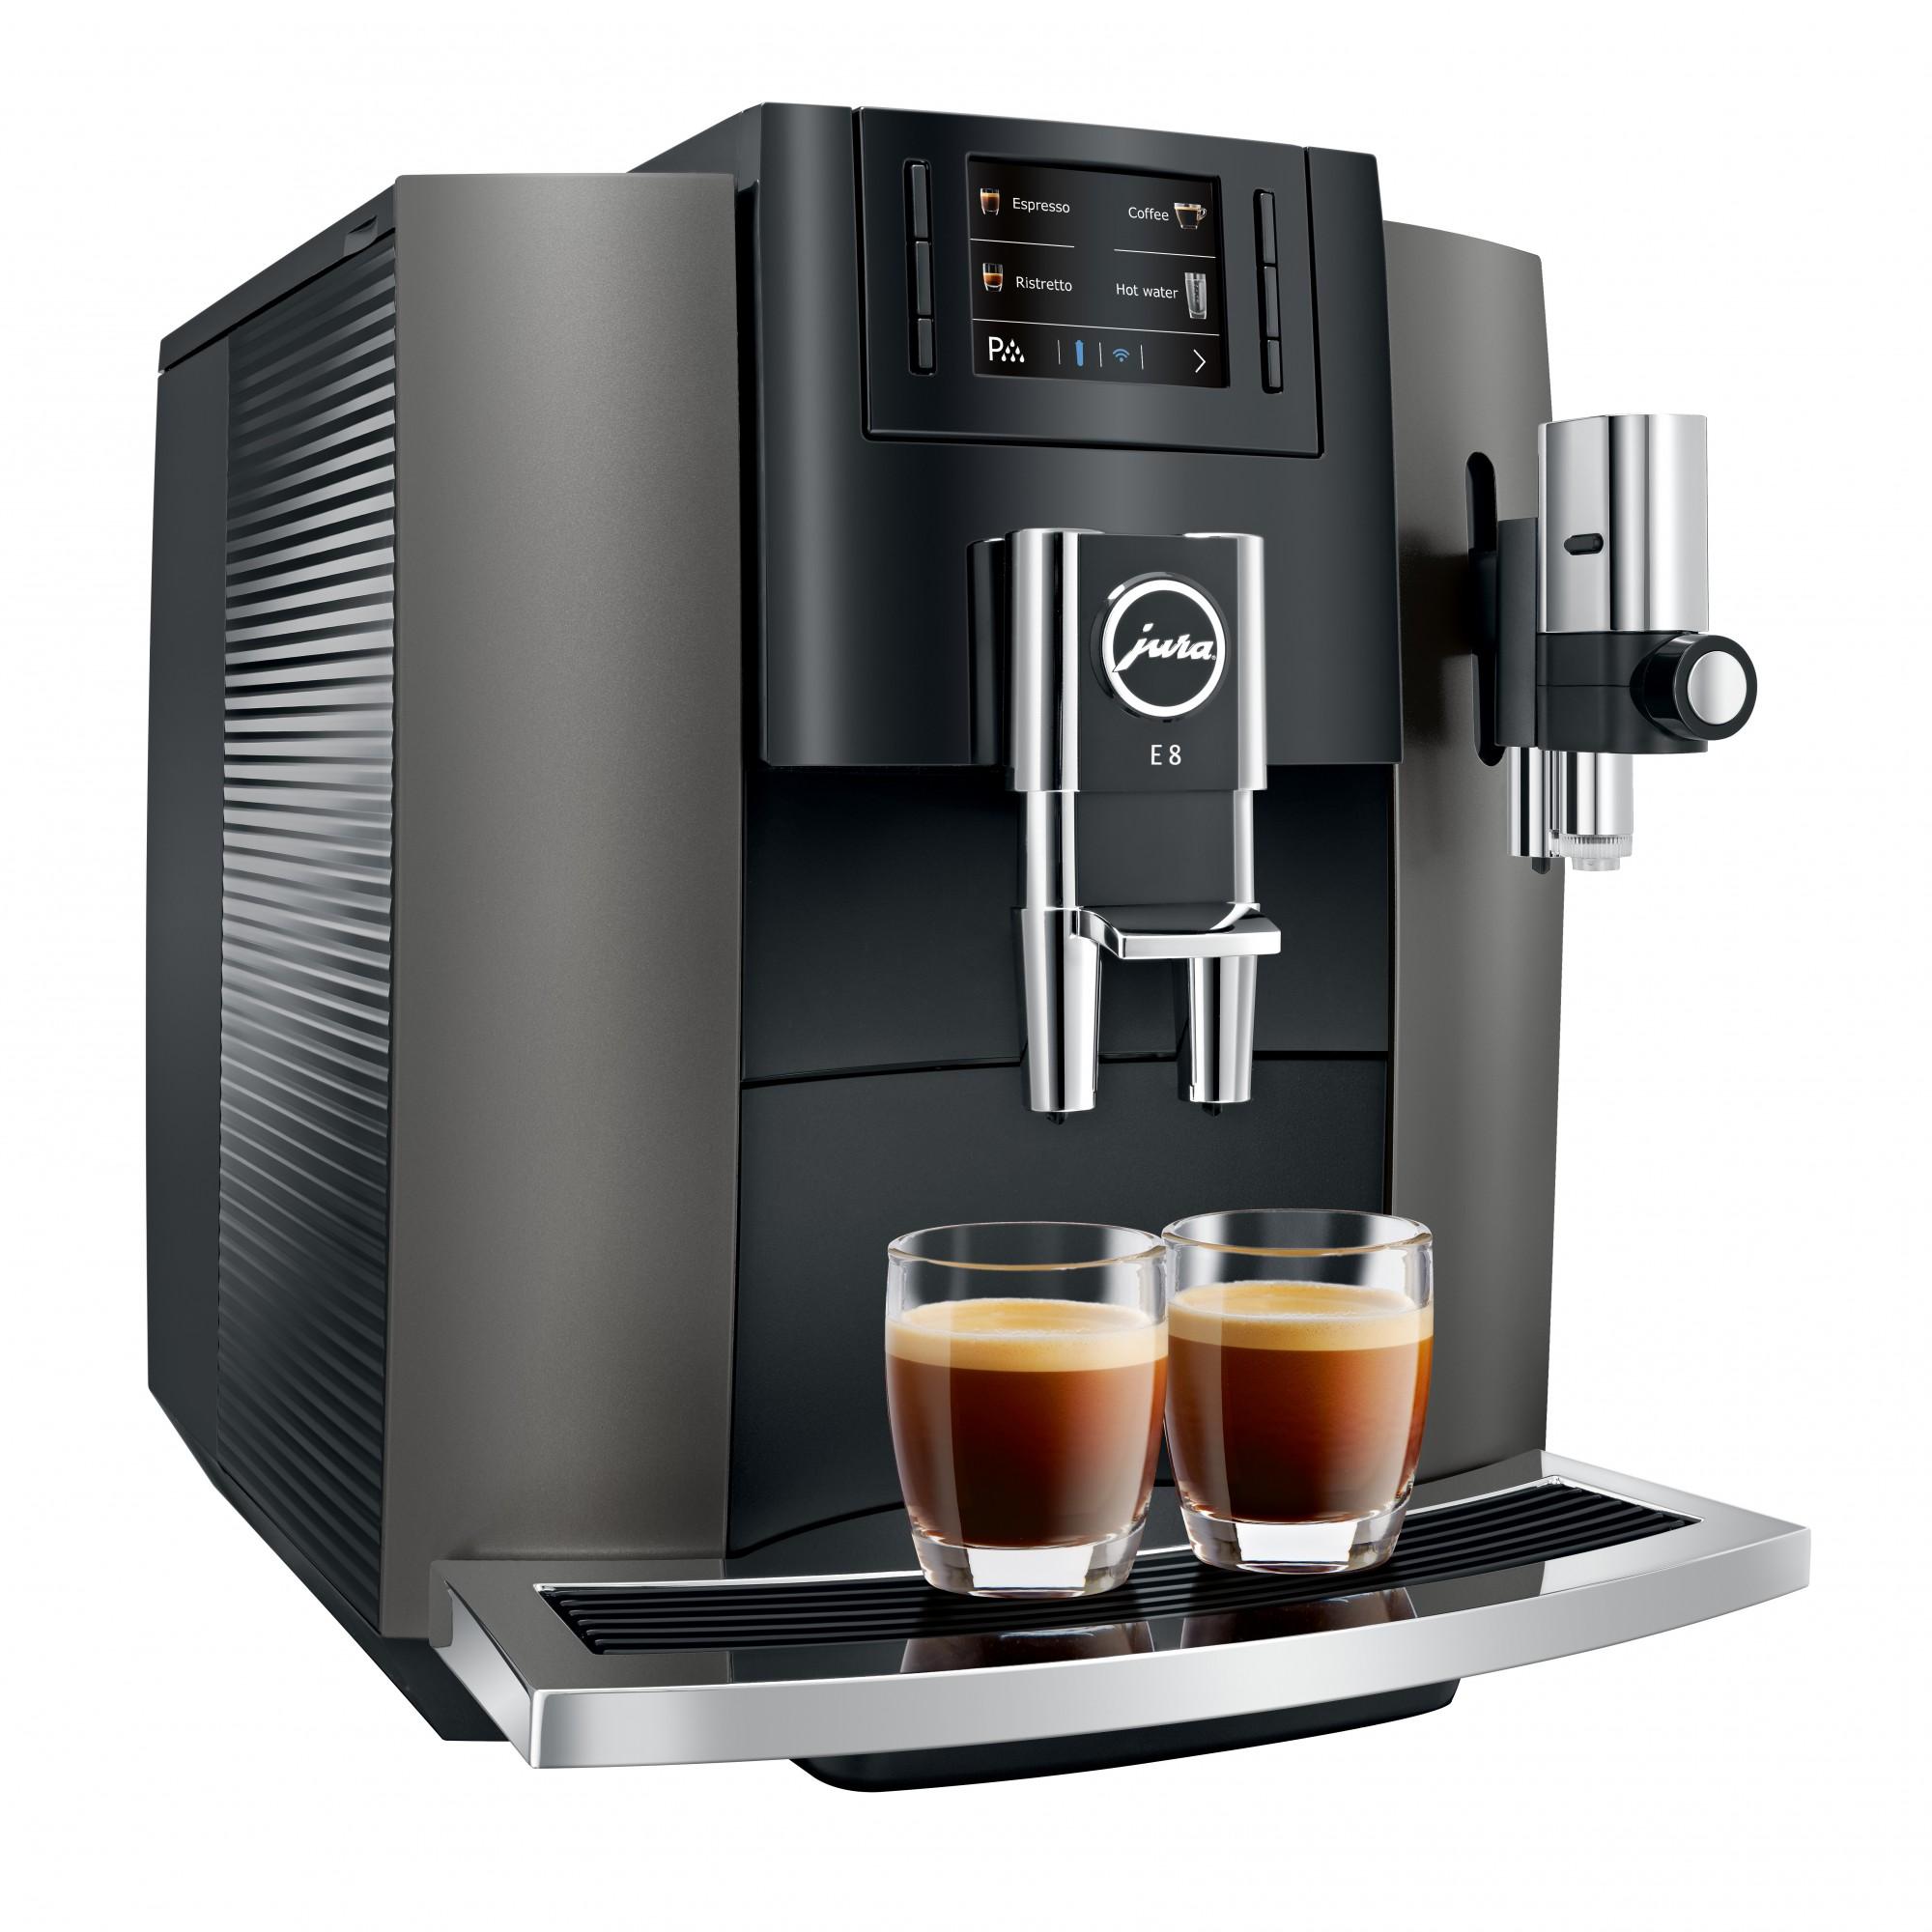 Met de nieuwe Jura E8 Dark Inox maak je meer koffie specialiteiten